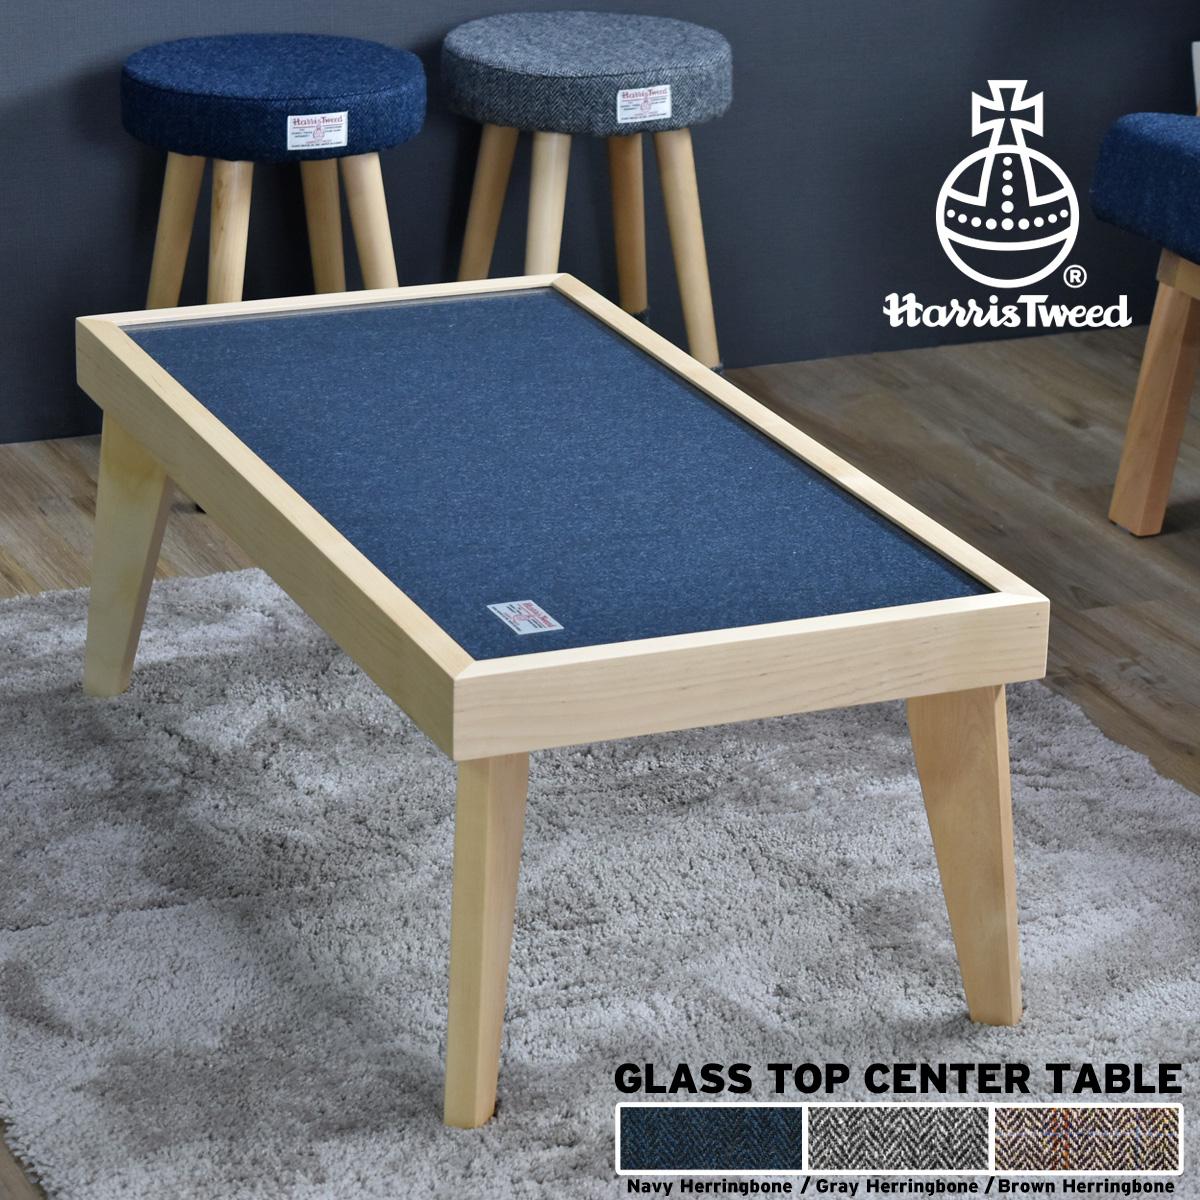 HARRIS TWEED ハリスツイード ガラスセンターテーブル HTCT-90 強化ガラス 90×45 イギリス スコットランド